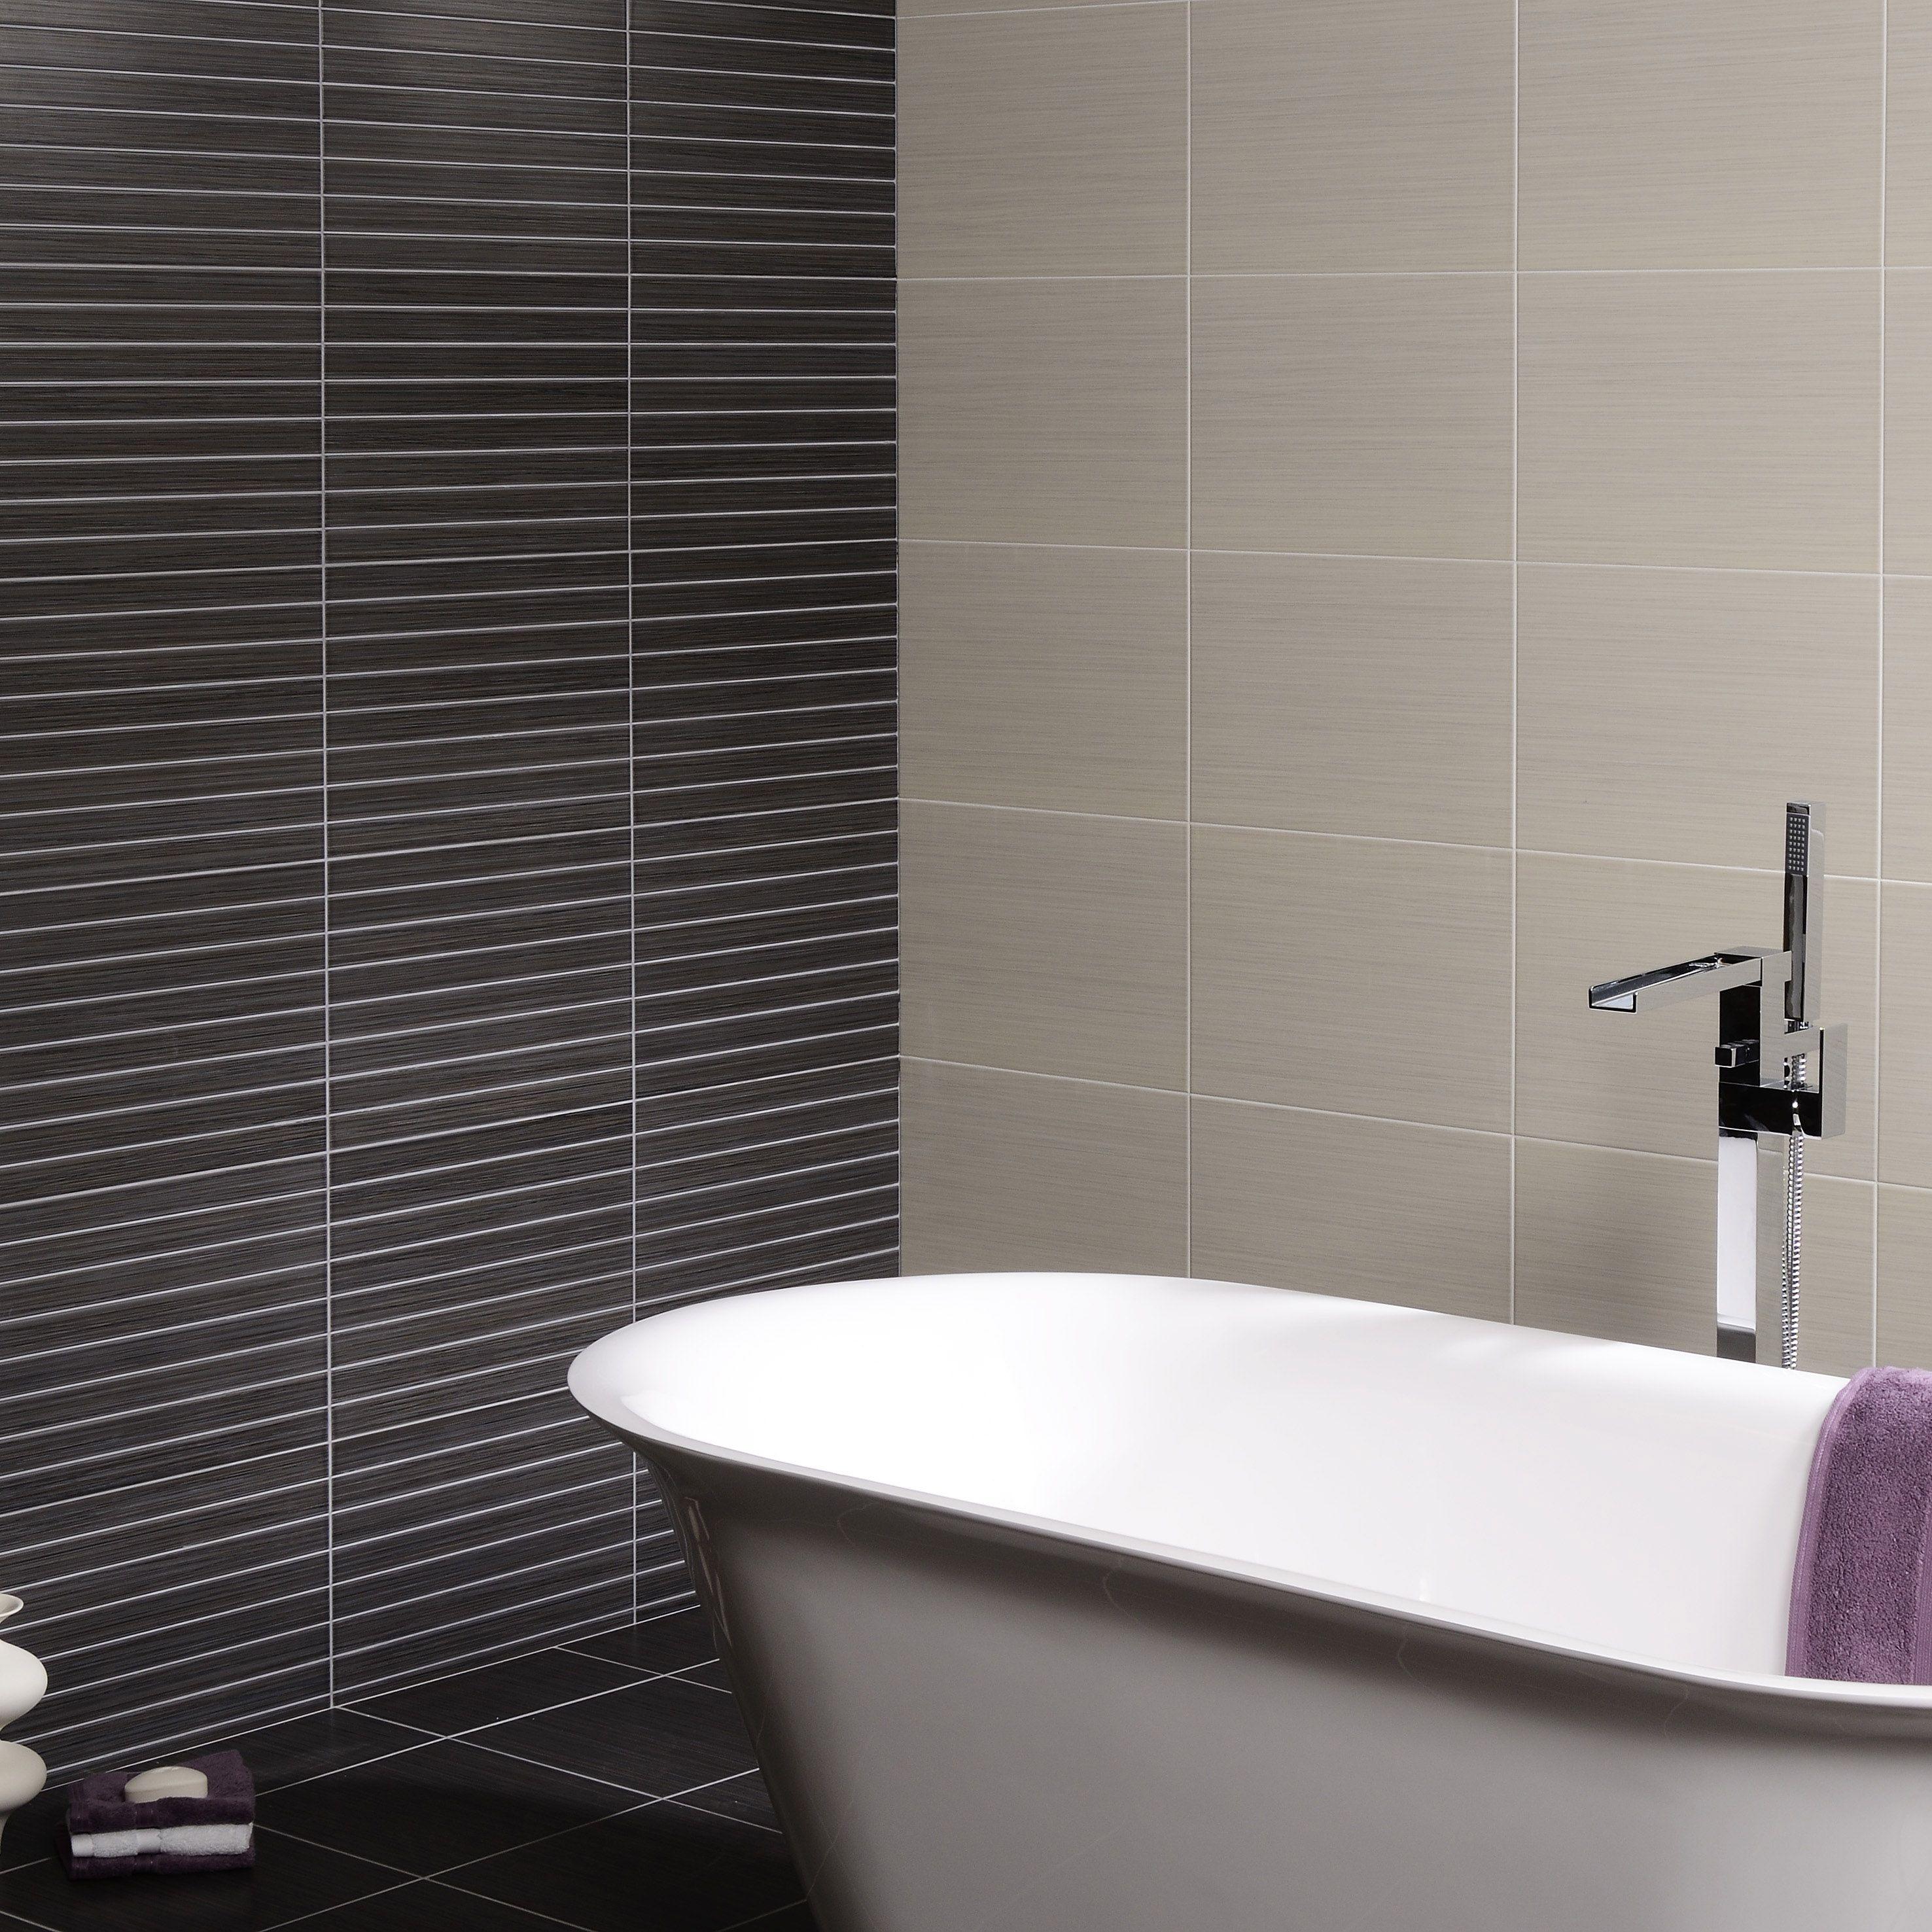 Kiwu Gris Linea Feature Tiles 36 85 Betterbathrooms Com